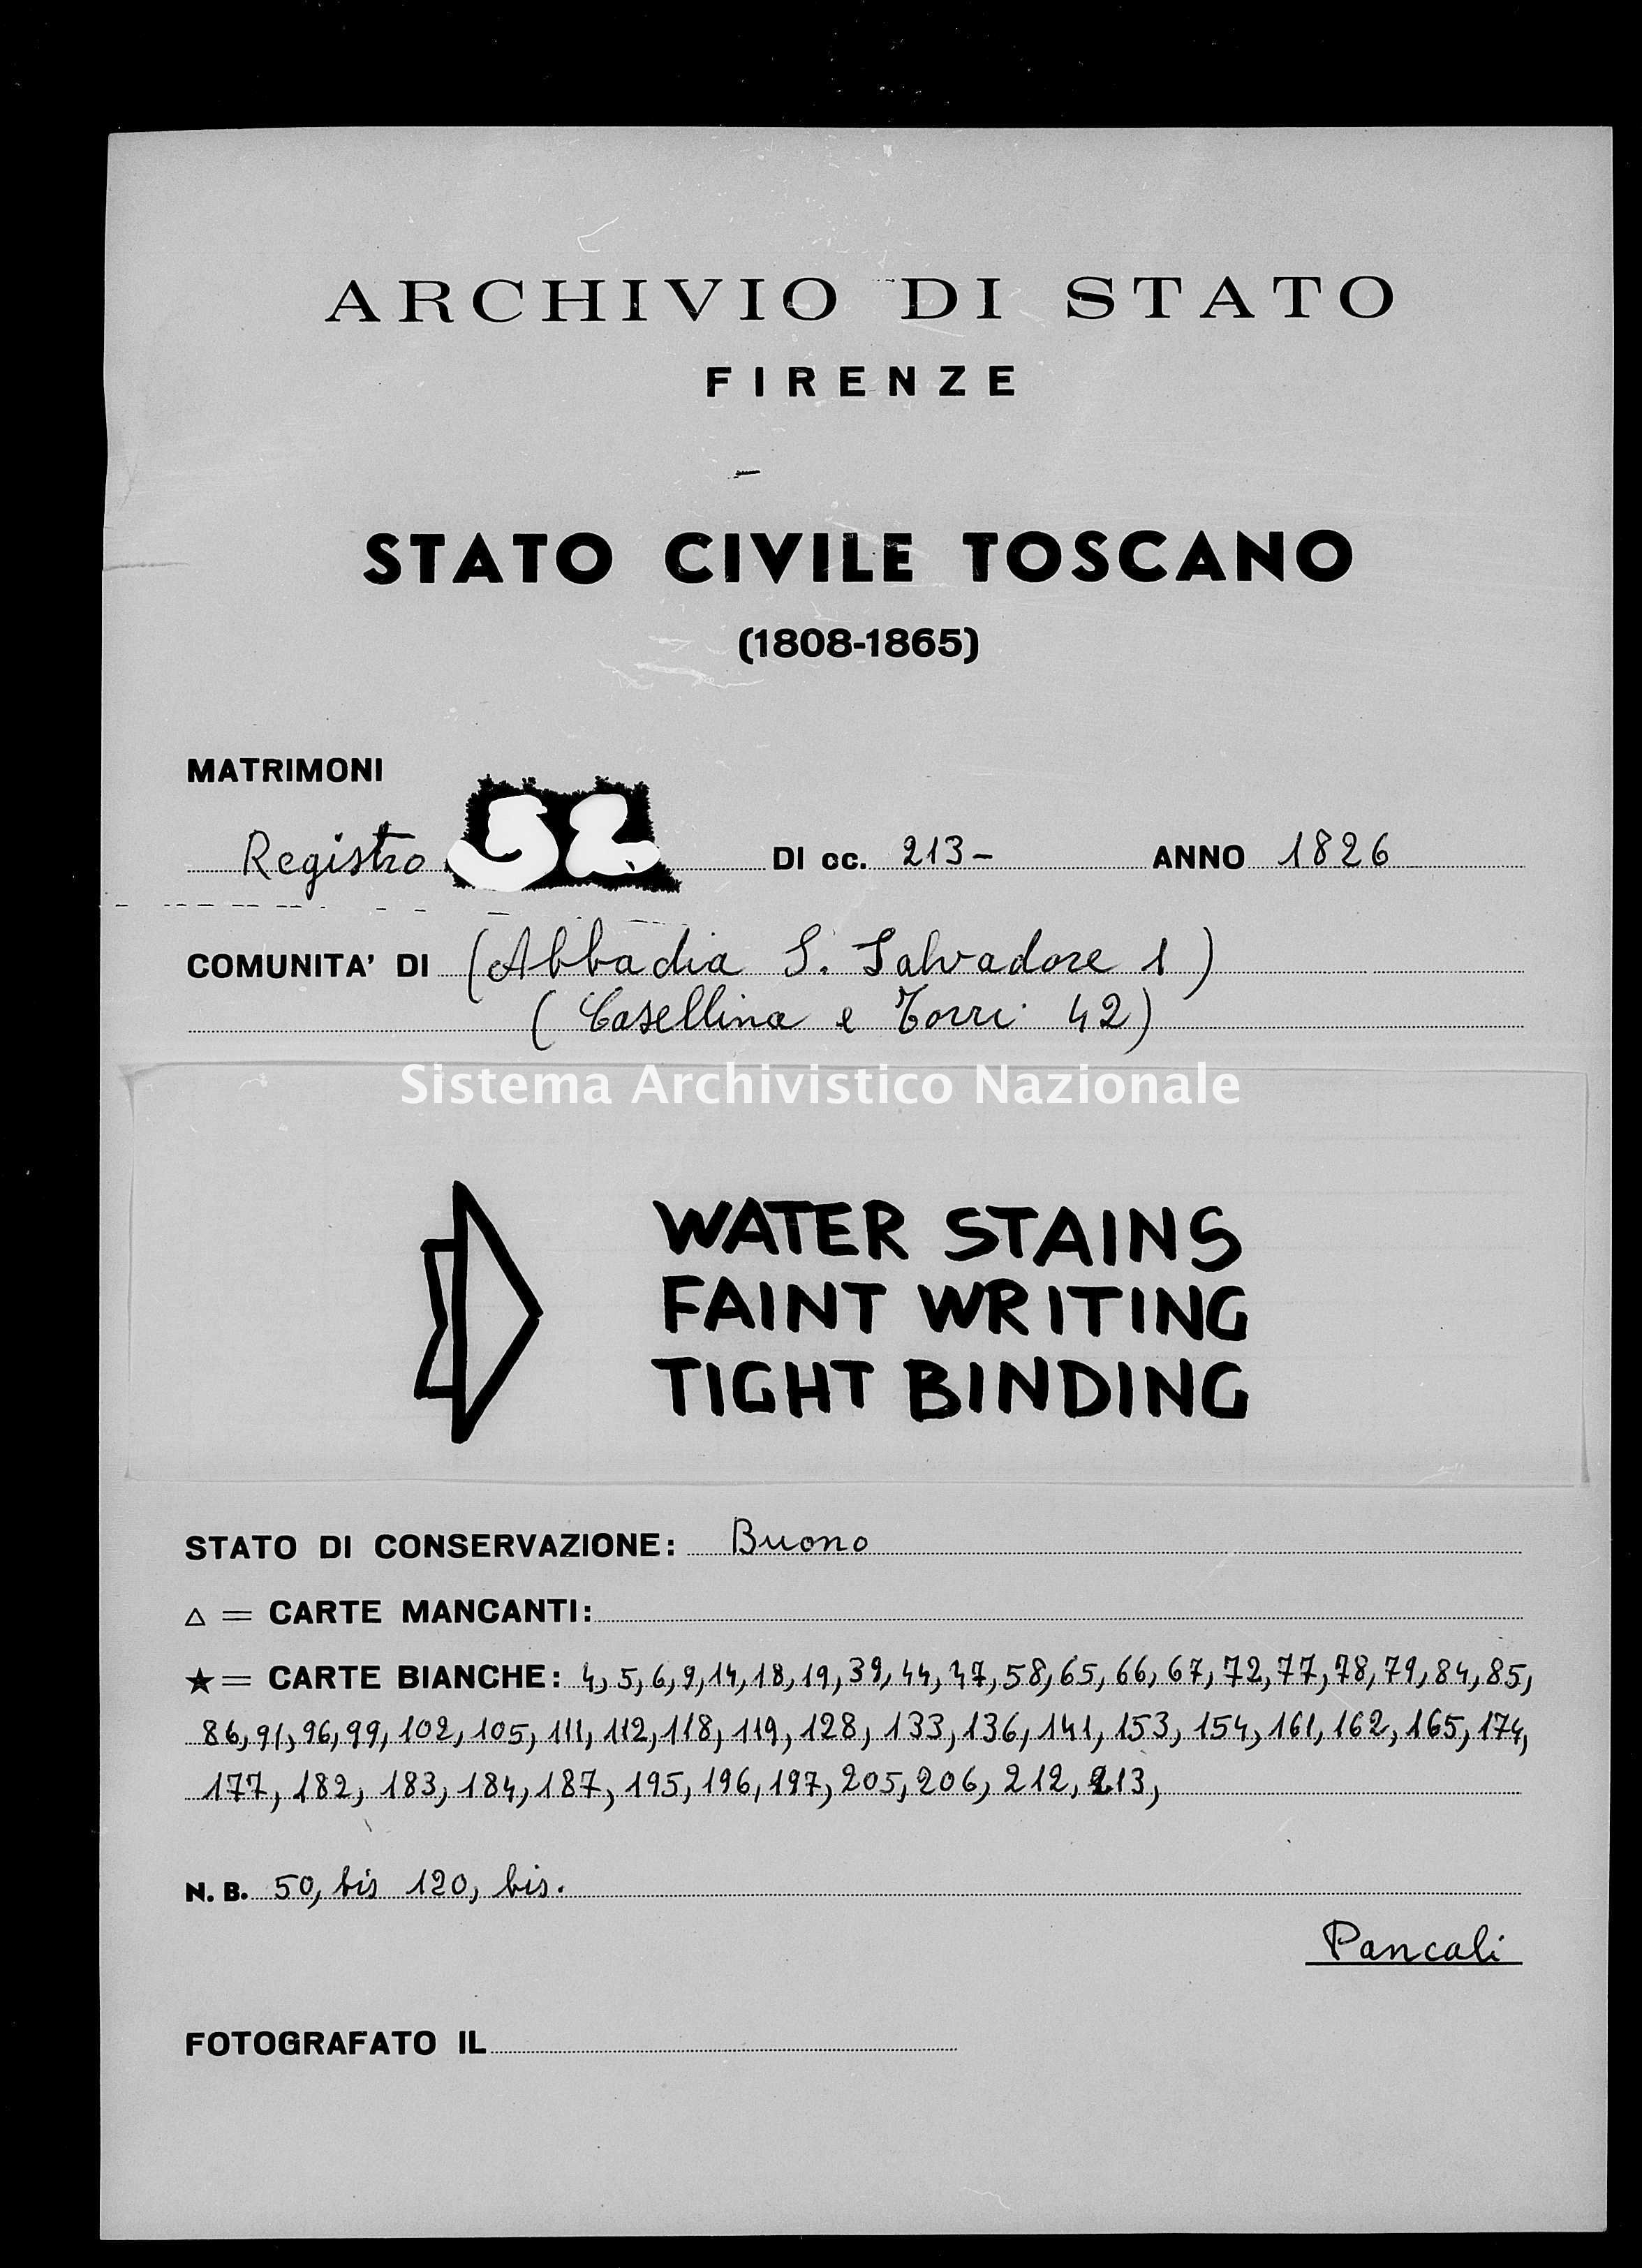 Archivio di stato di Firenze - Stato civile di Toscana (1808-1865) - Abbadia San Salvatore - Matrimoni - 1826 - 52 -